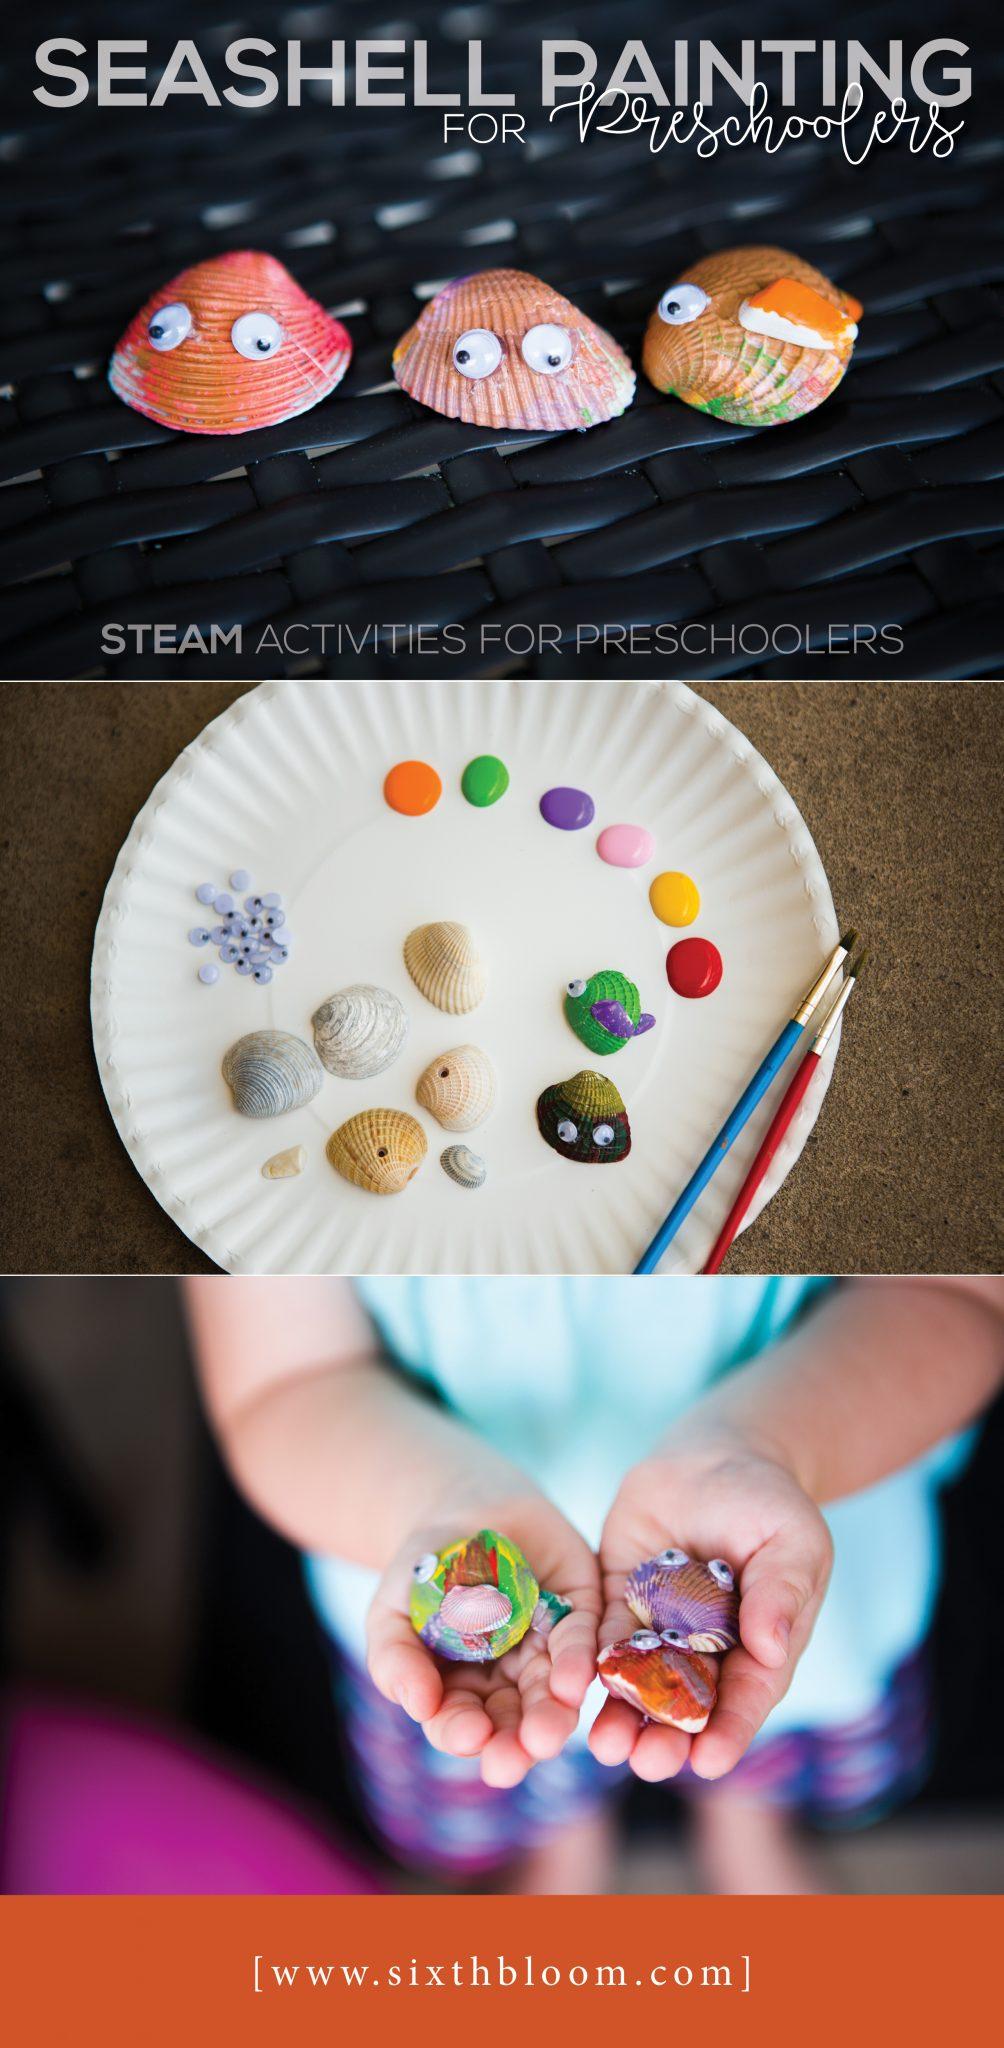 painting seashells preschoolers